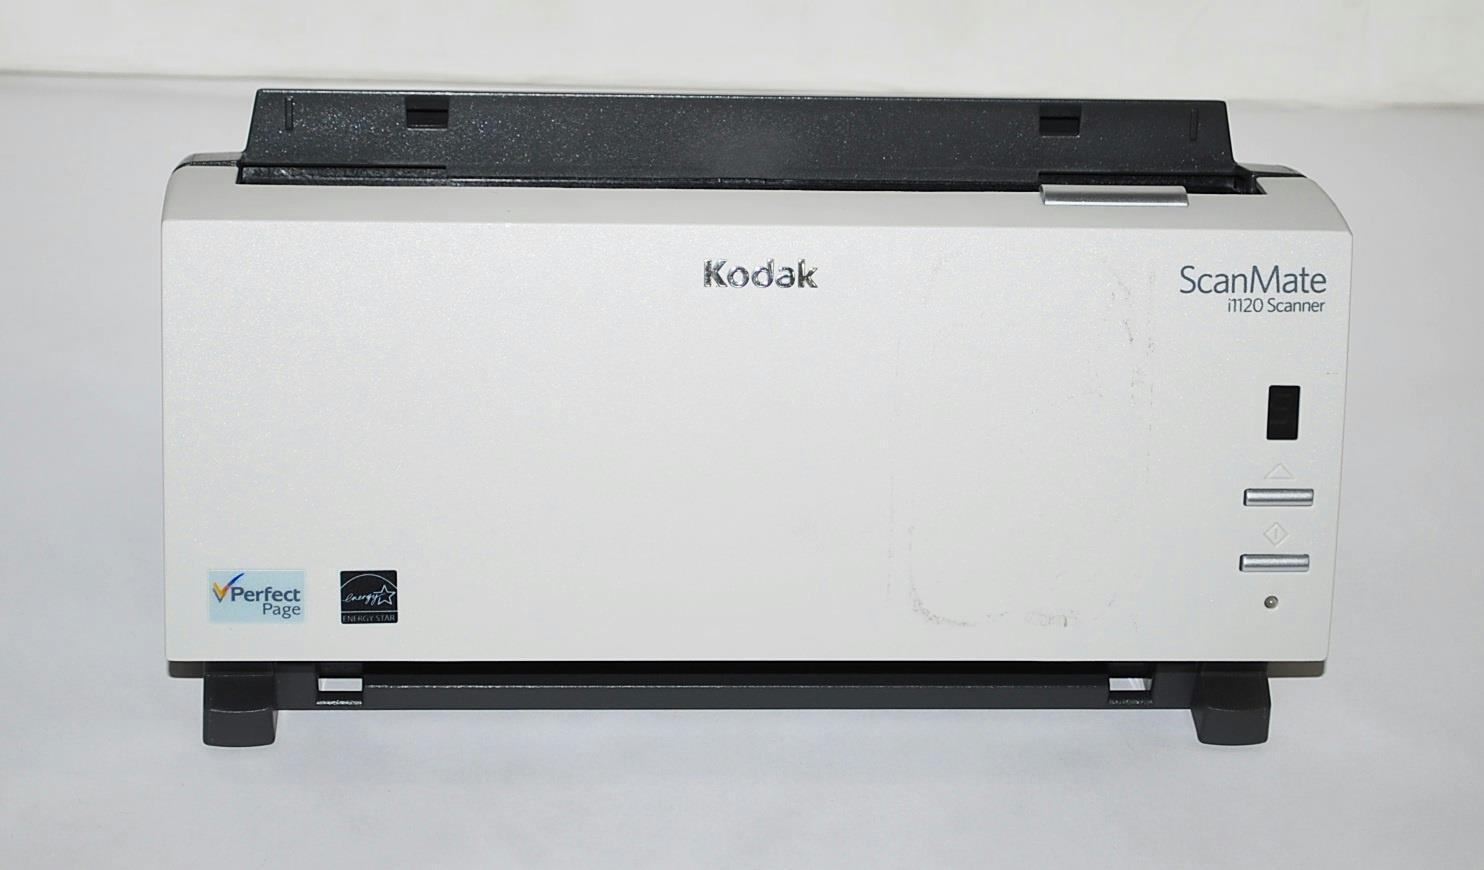 KODAK I1120 TWAIN DRIVERS WINDOWS 7